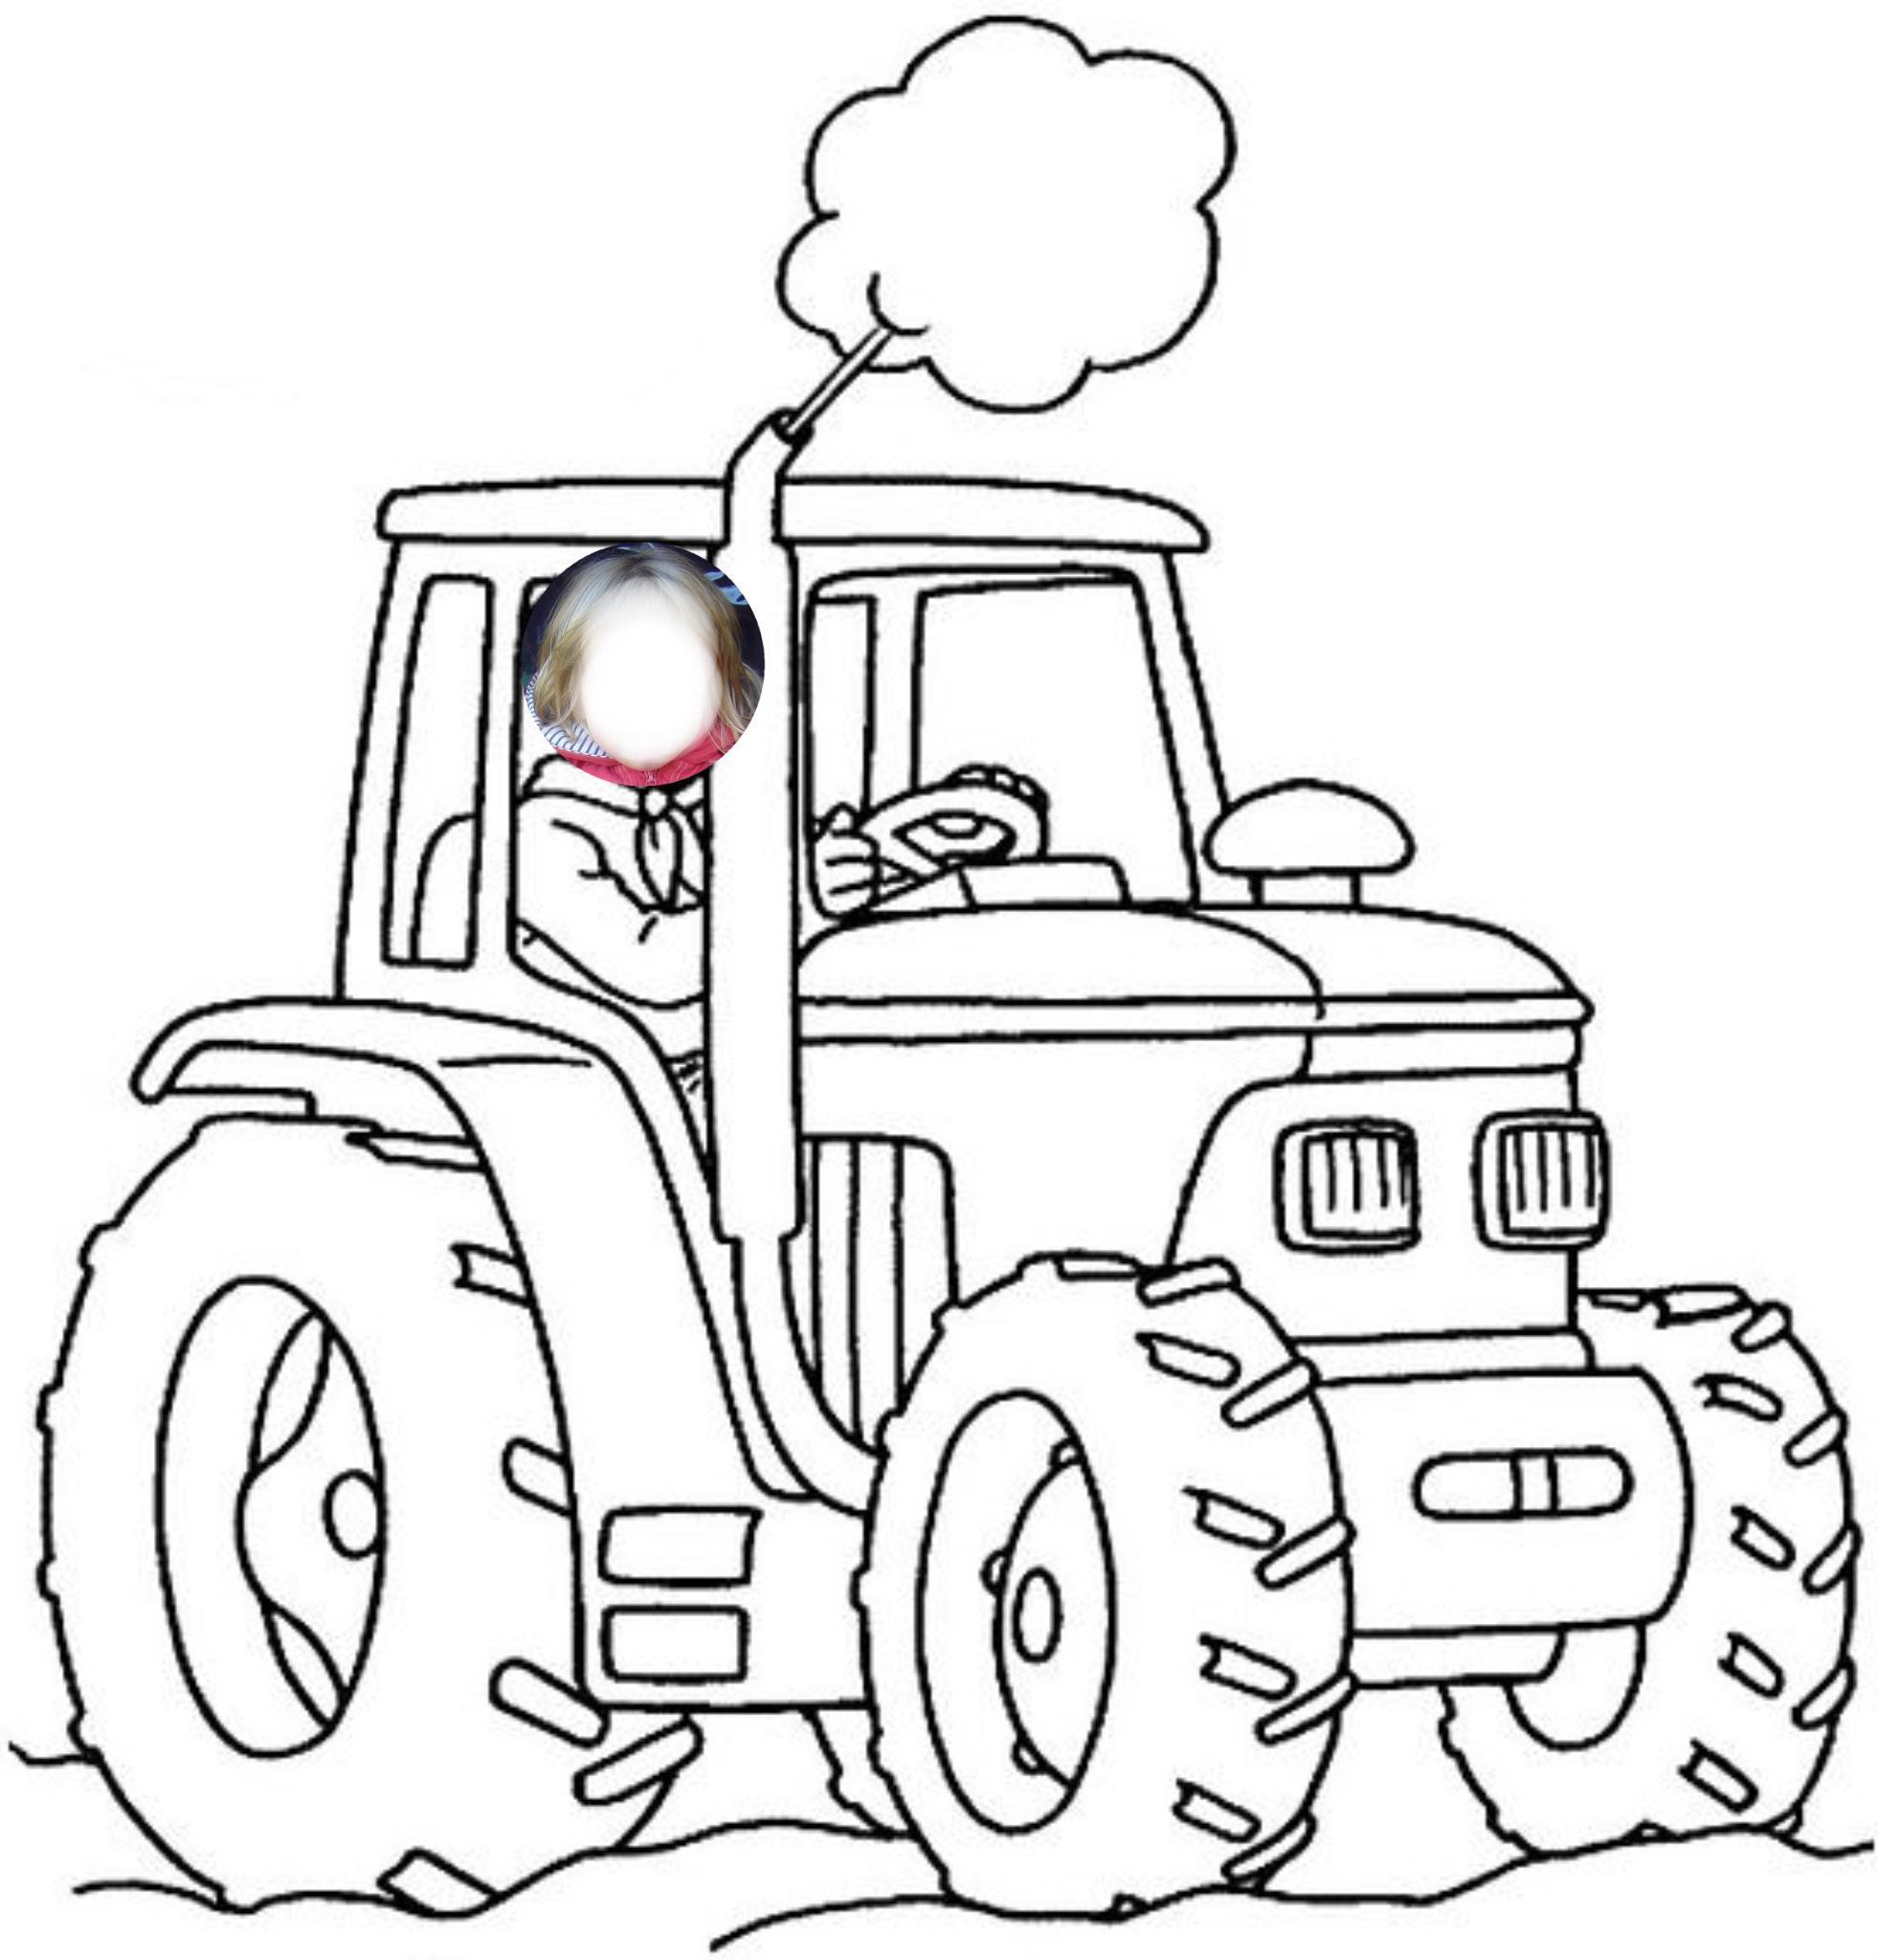 Dessins Gratuits À Colorier - Coloriage Tracteur À Imprimer tout Dessin Animé De Tracteur John Deere